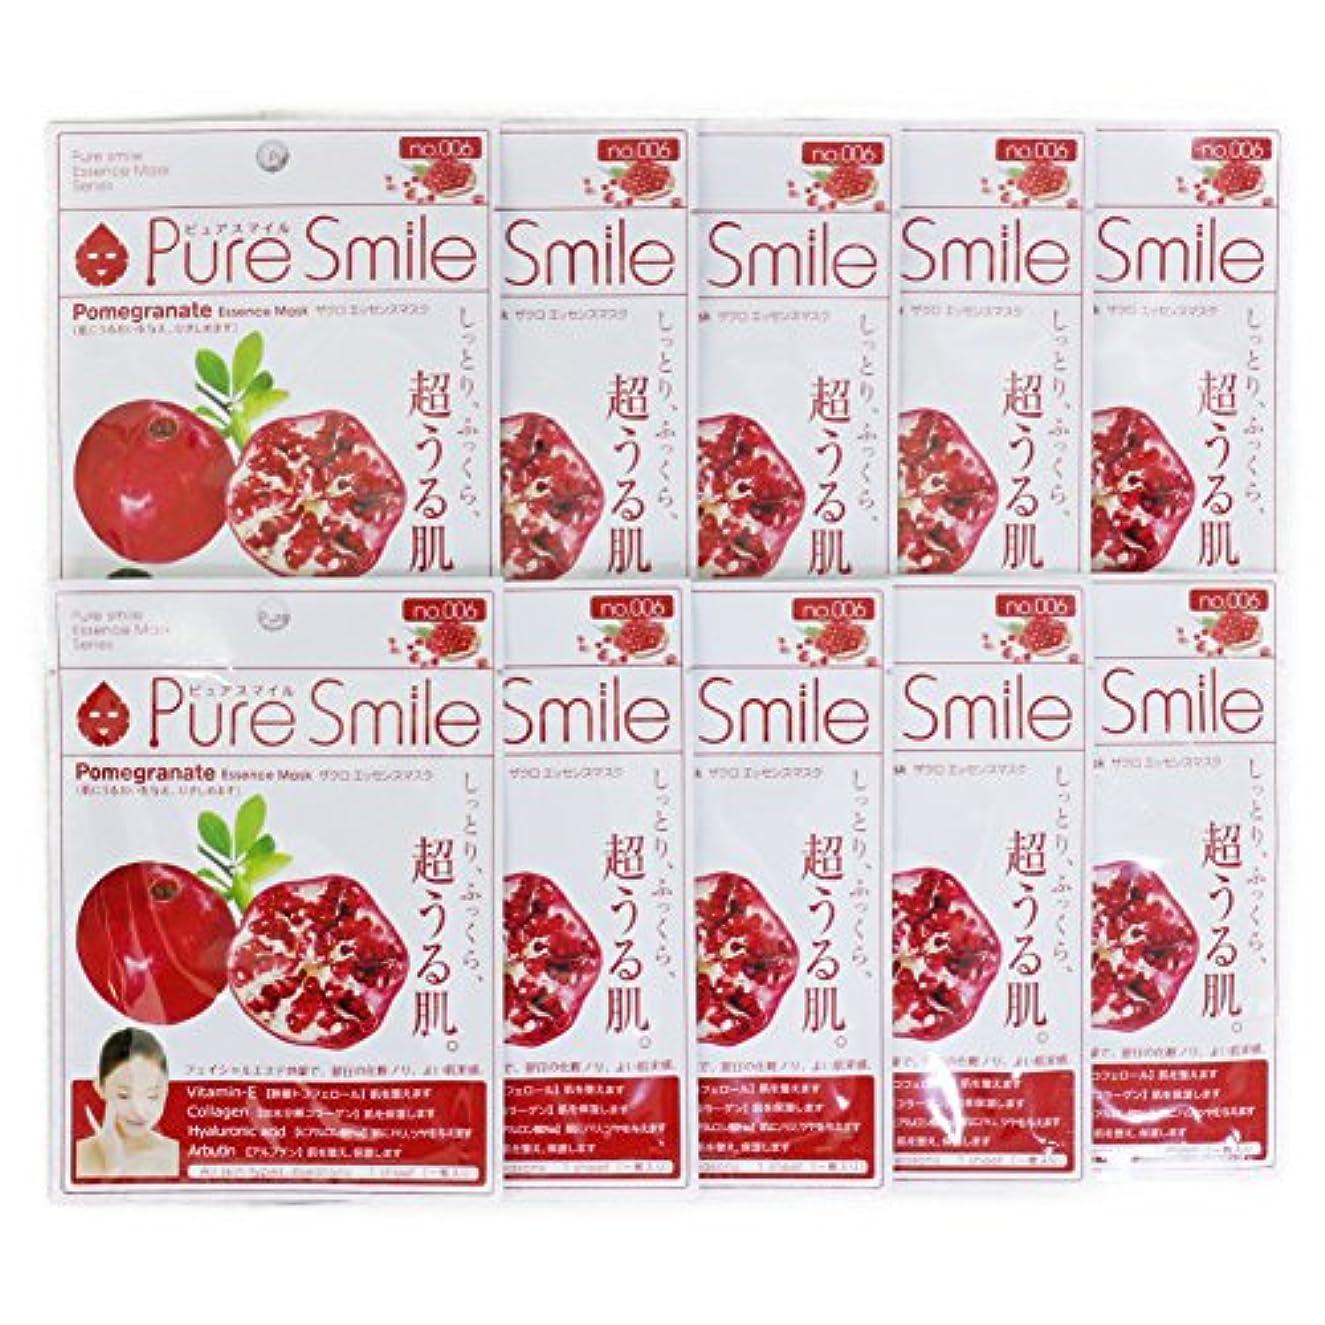 ボックスエッセンス感謝祭Pure Smile ピュアスマイル エッセンスマスク ザクロ 10枚セット